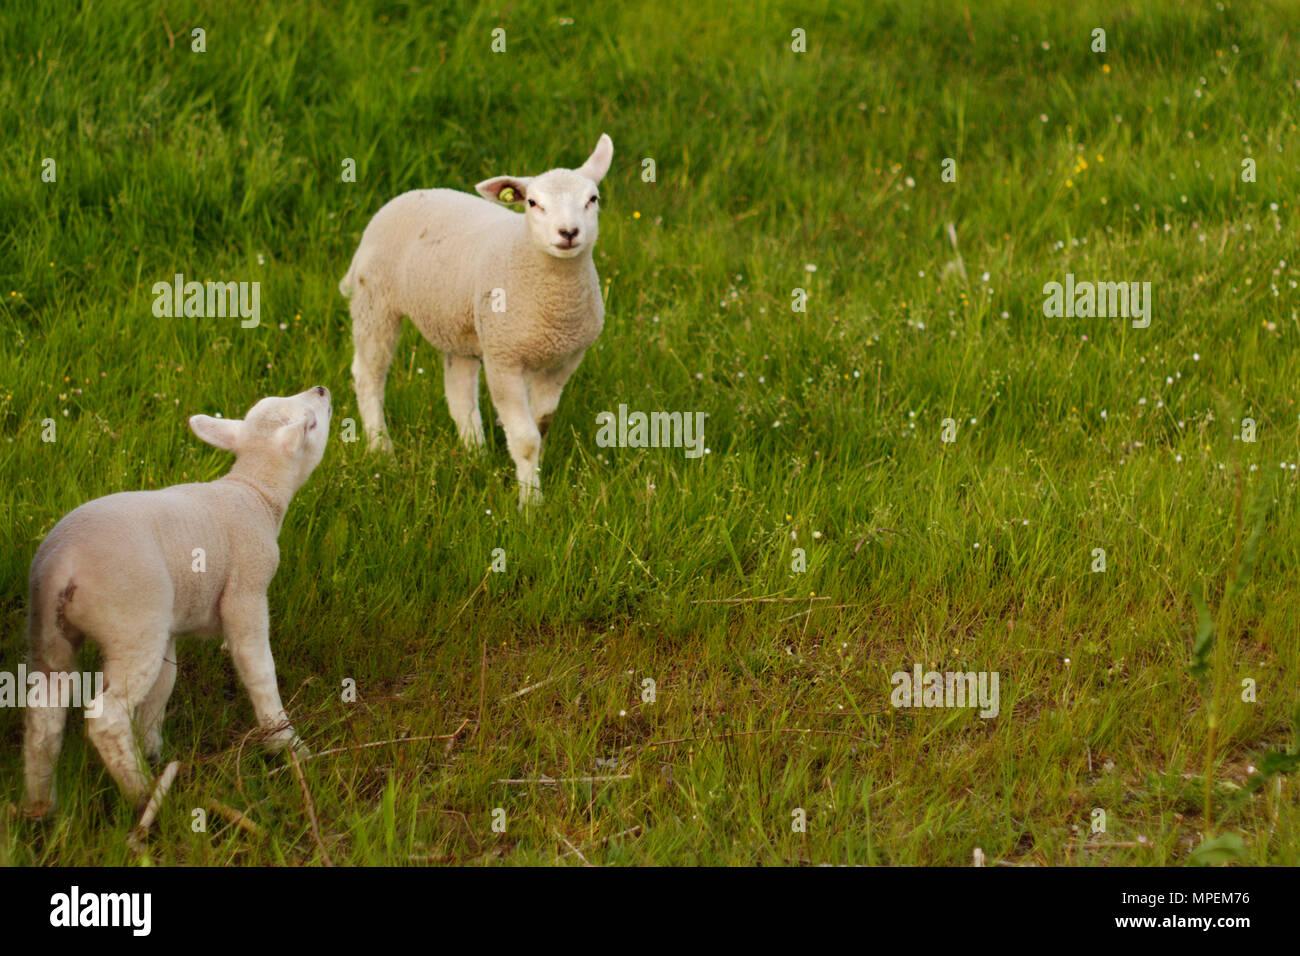 Dos corderos saltaría fuera en el campo. Imagen De Stock